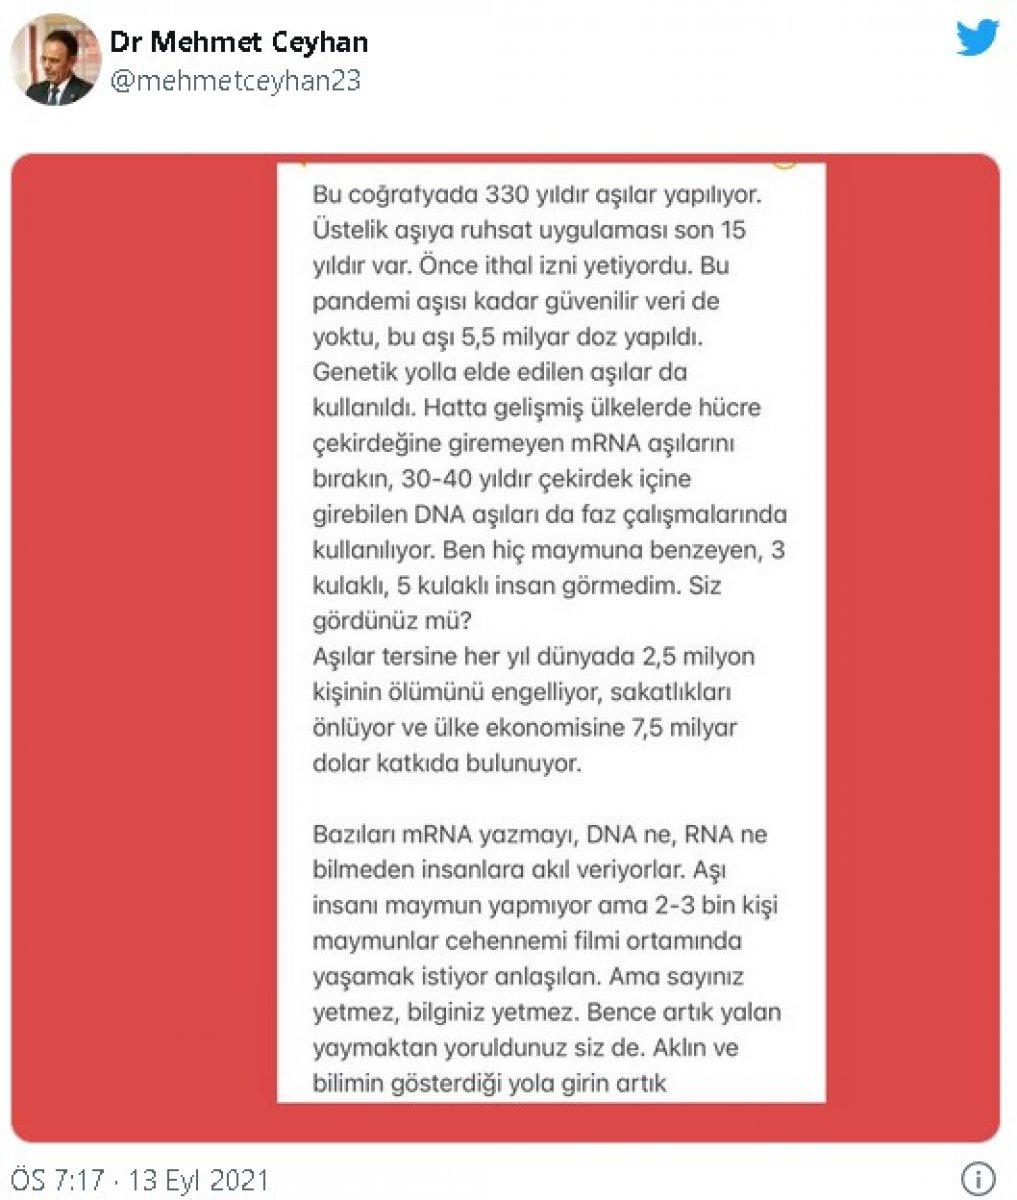 Mehmet Ceyhan: Ben hiç maymuna benzeyen insan görmedim #3